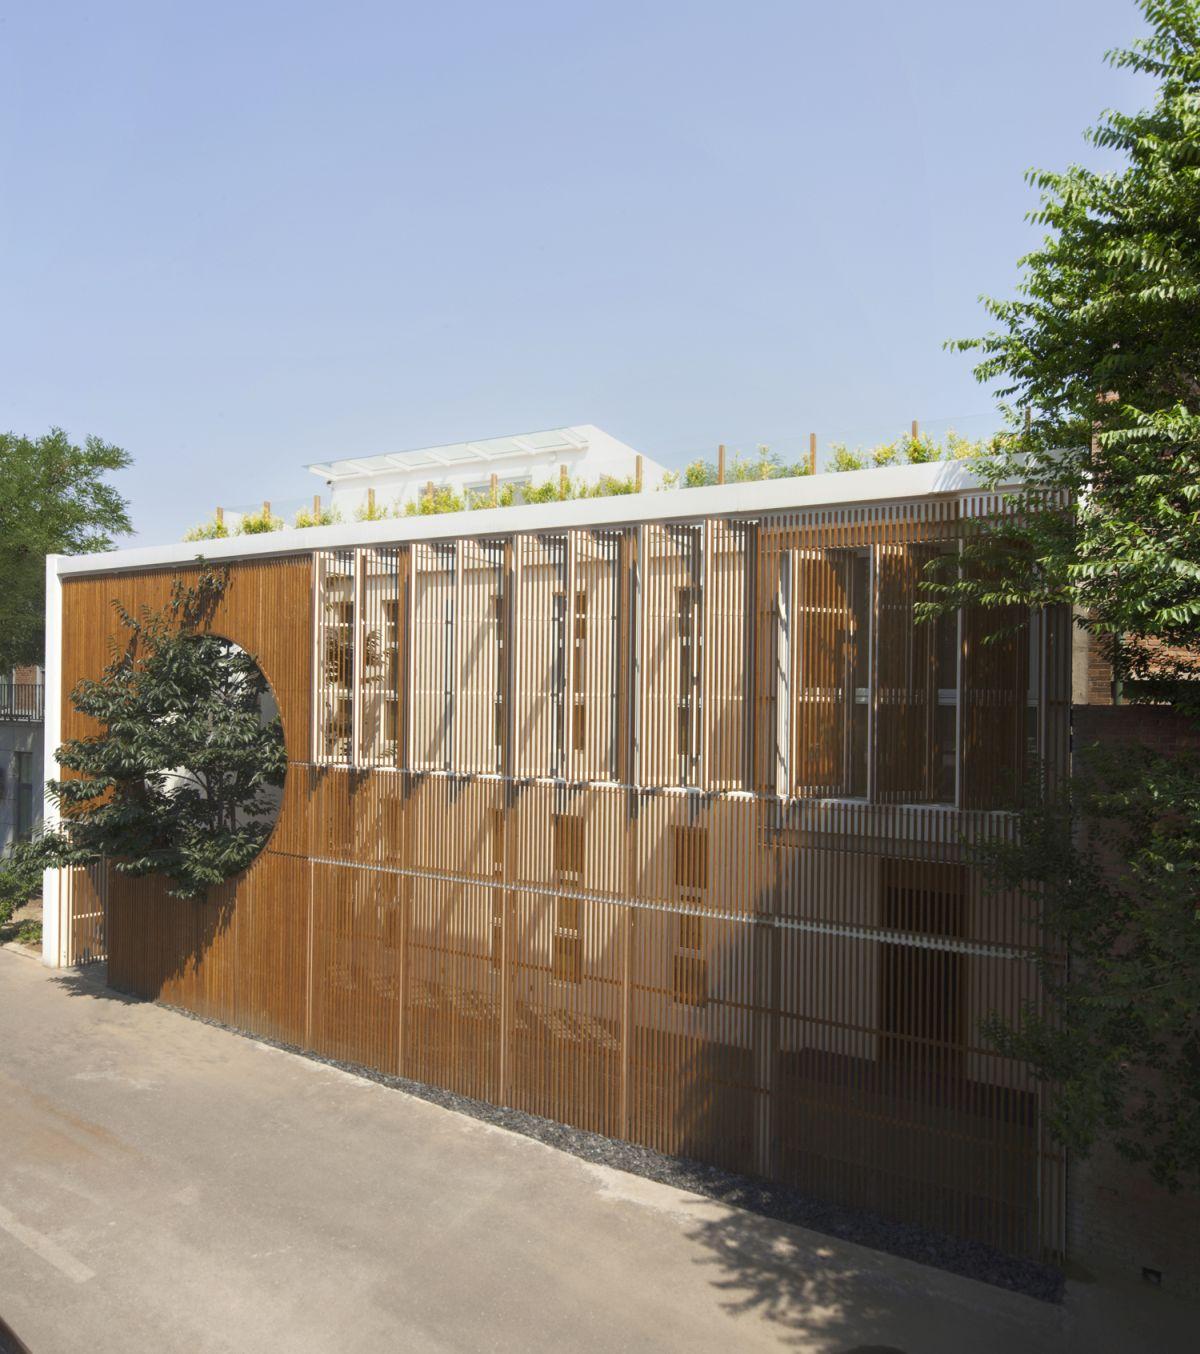 Elongated Industrial Box - Ding Hui Yuan Zen & Tea Chamber Wall